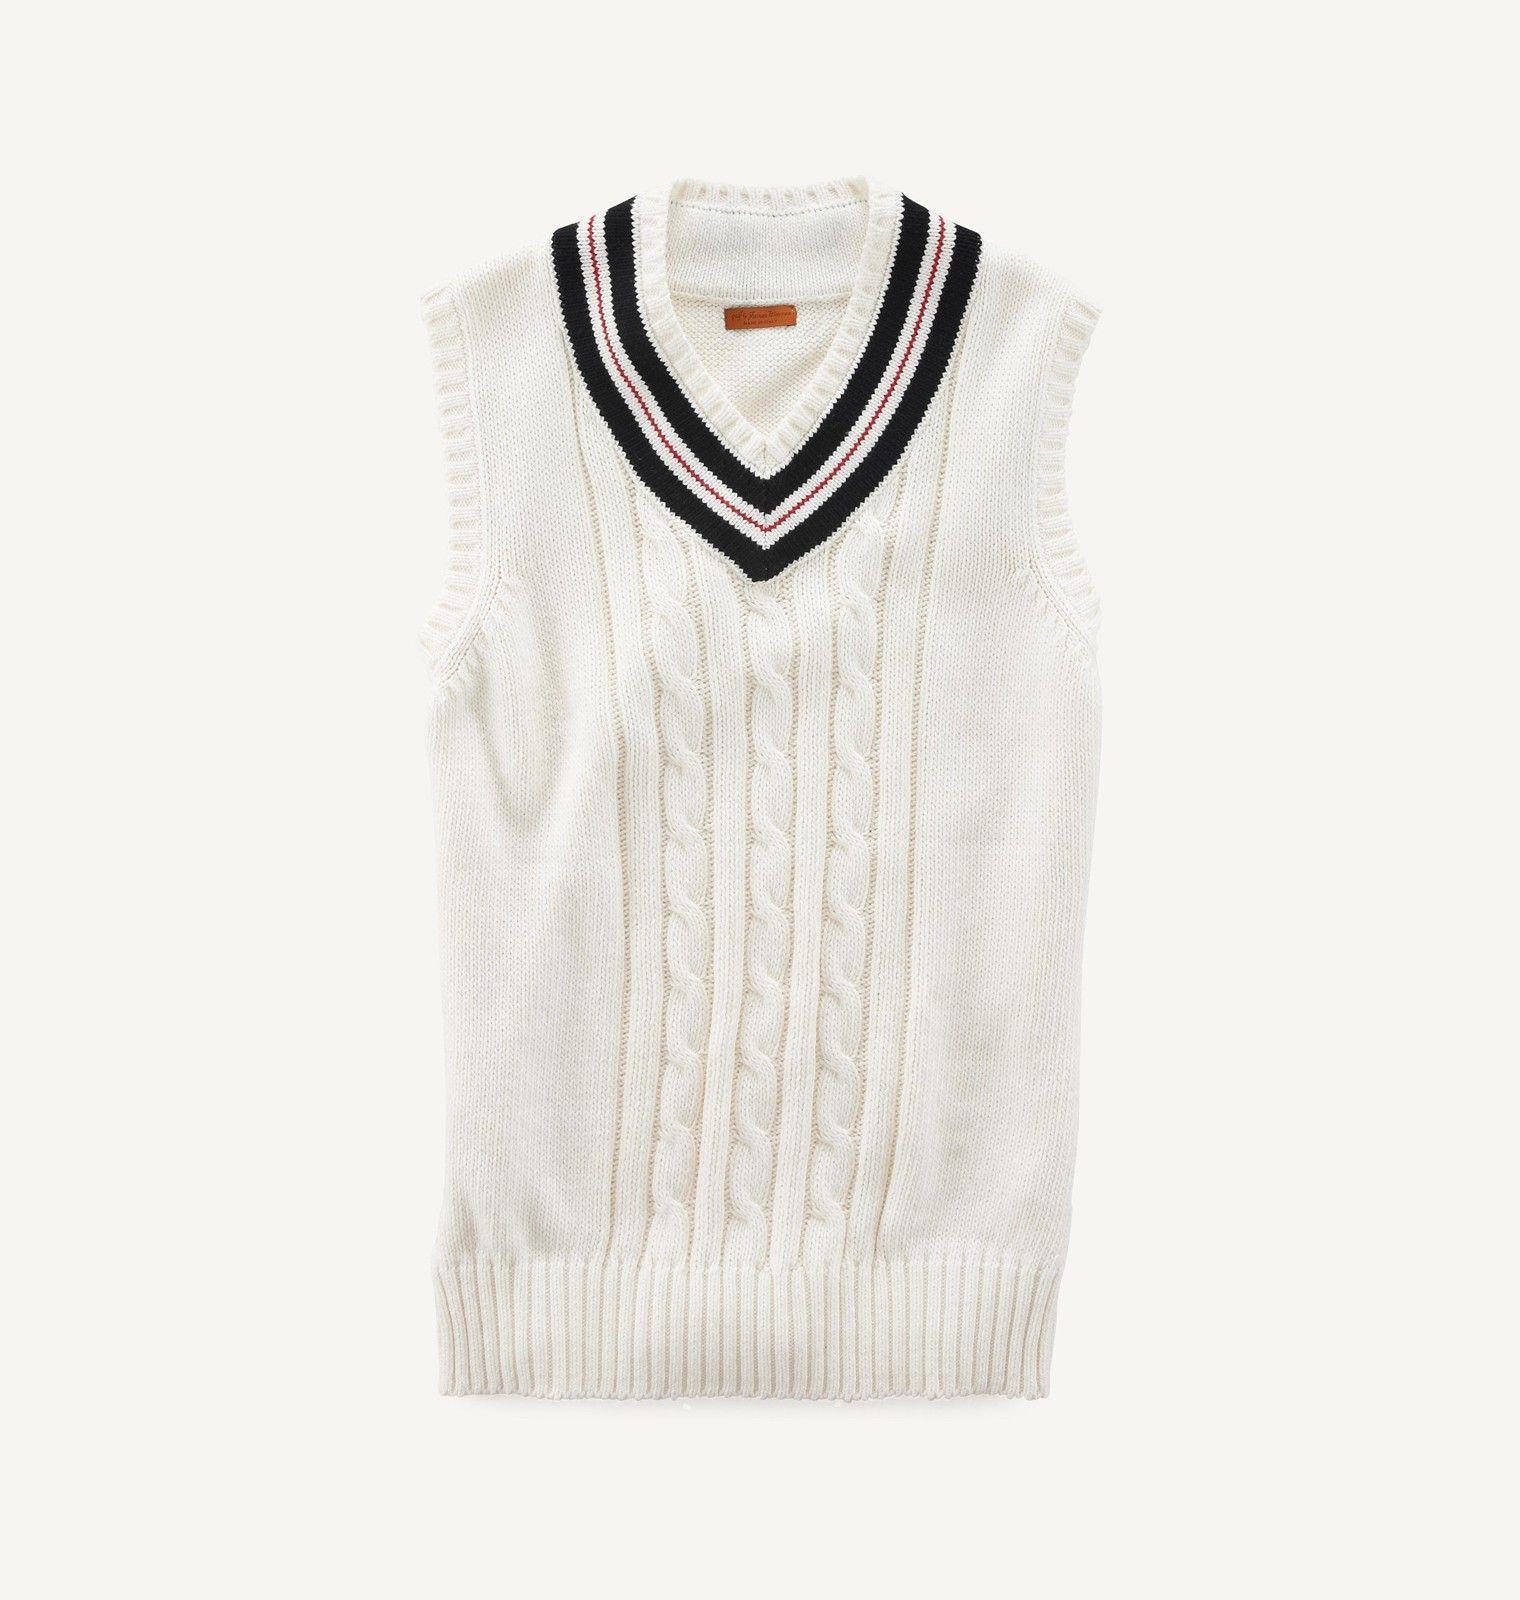 V-Neck Designer Sweater Vest: Available in white or gray. 90 ...